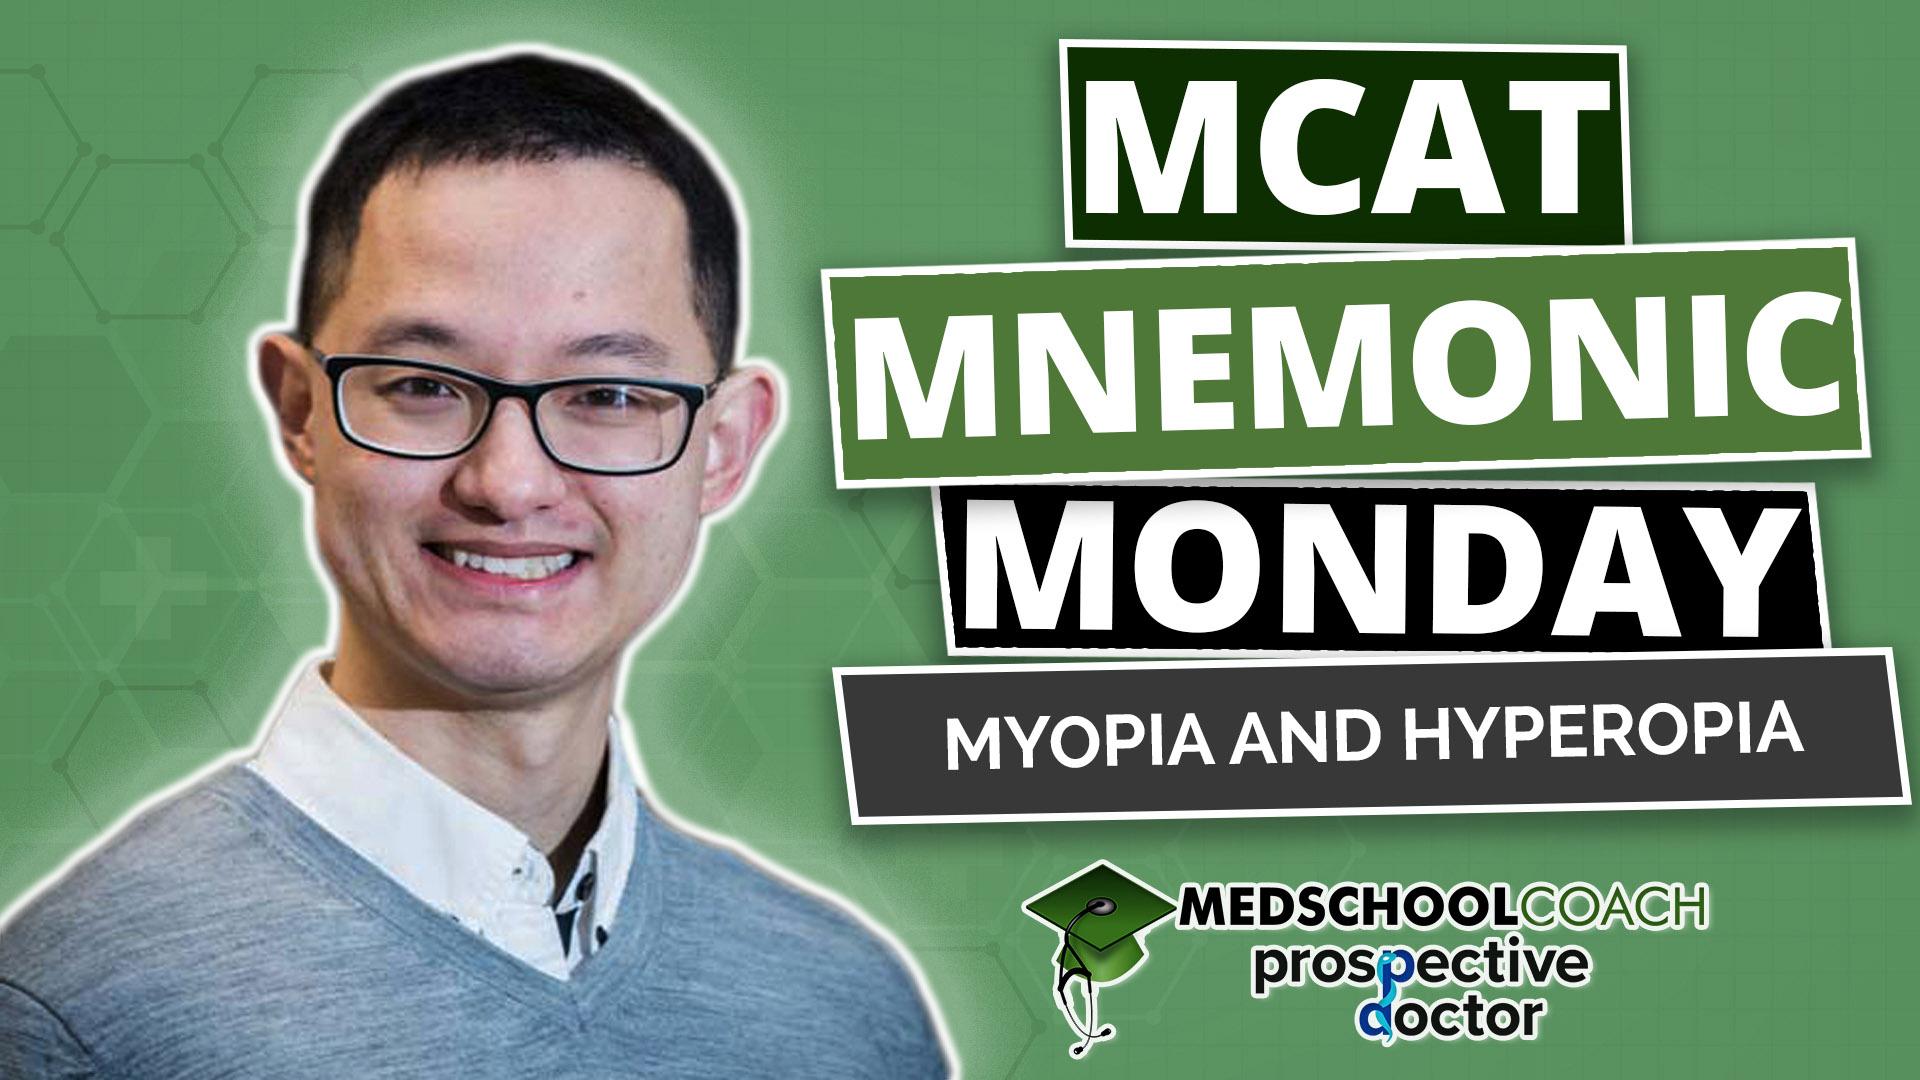 Látás 2,5 myopia vagy hyperopia